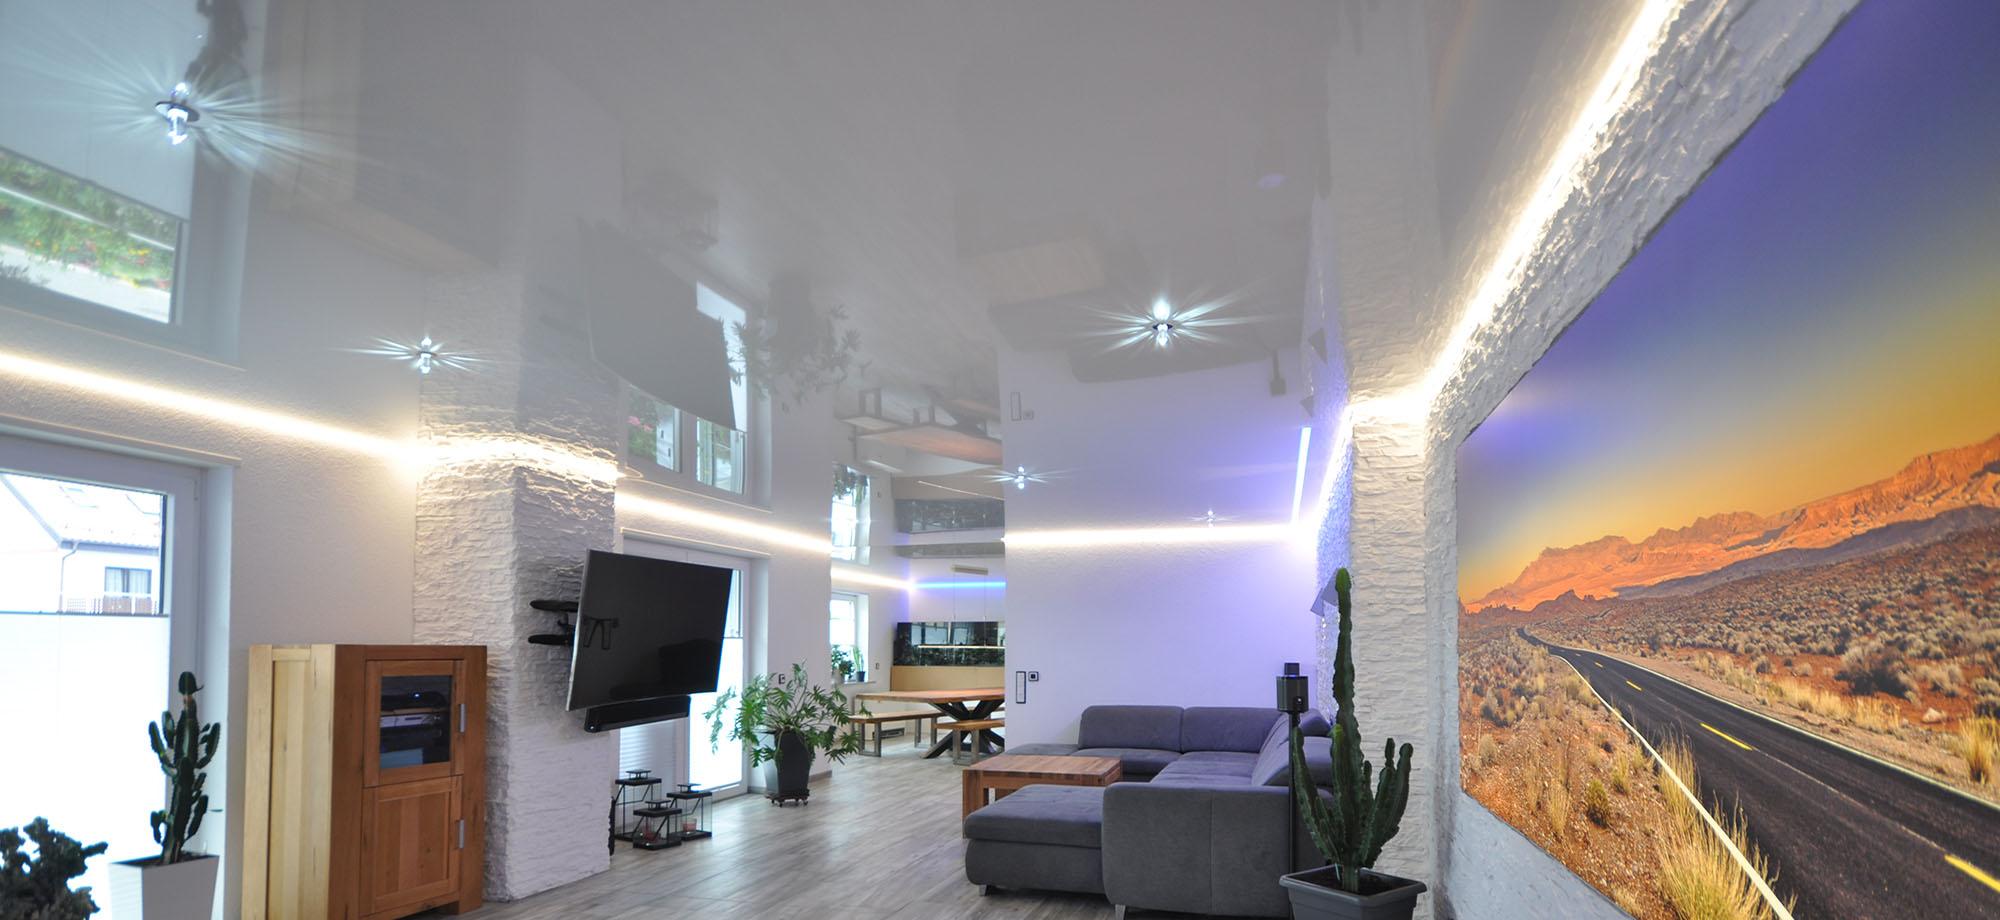 Full Size of Wohnzimmer Wandbild Spanndecke Cbspanndecken Teppich Schrankwand Indirekte Beleuchtung Deckenlampen Für Wandbilder Tapeten Ideen Deckenleuchten Led Tisch Wohnzimmer Wohnzimmer Wandbild